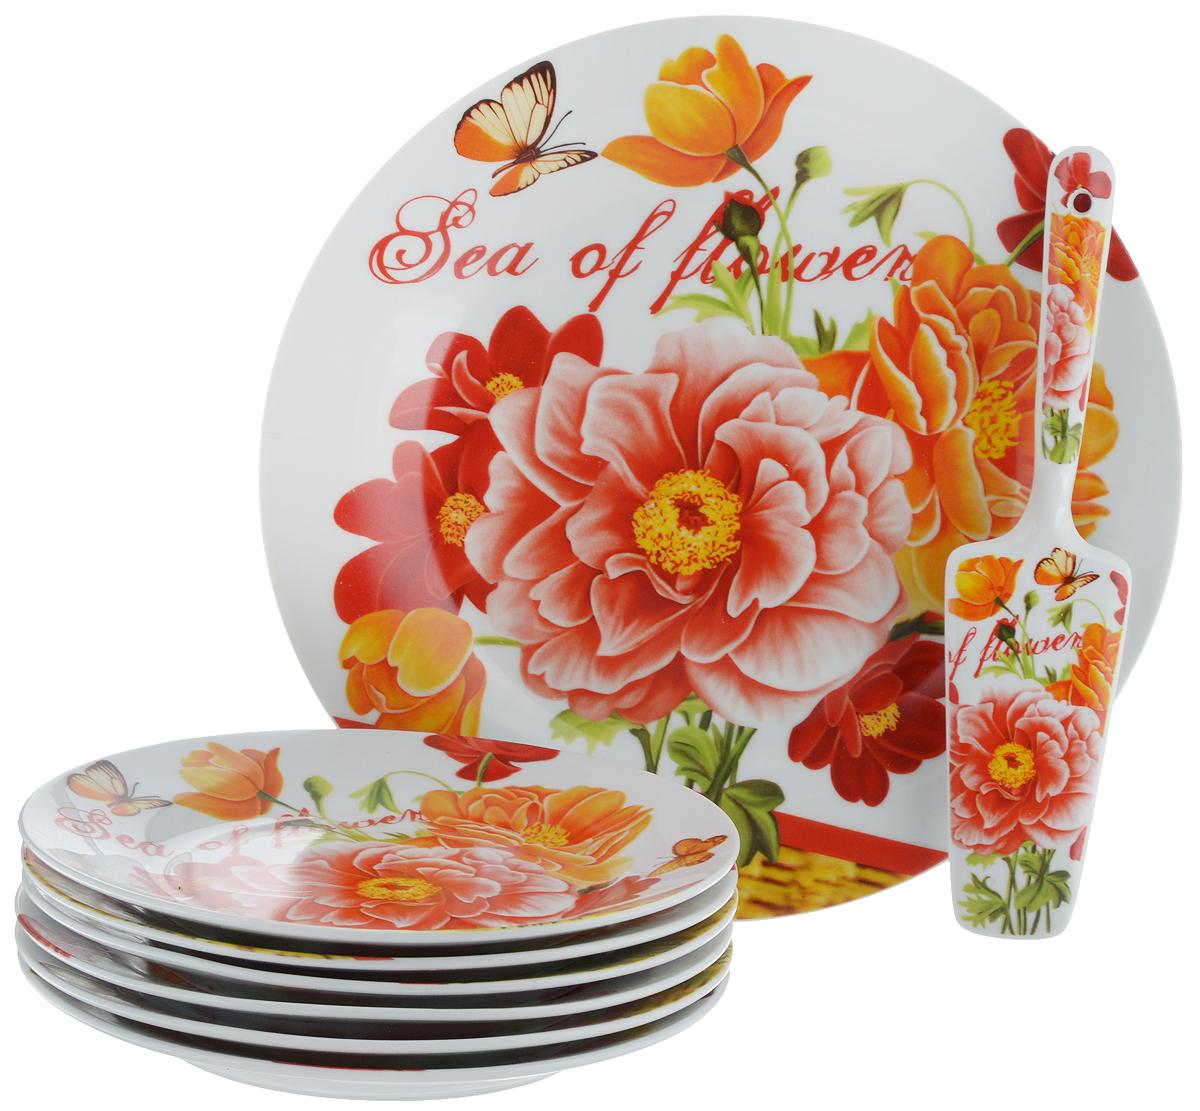 Набор для торта Bella, 8 предметов. DL-S8CB-177DL-S8CB-177Набор для торта Bella состоит из 7 тарелок и лопатки. Изделия выполнены из высококачественного фарфора и оформлены ярким рисунком. Набор идеален для подачи тортов, пирогов и другой выпечки.Яркий дизайн сделает набор изысканным украшением праздничного стола.Диаметр меленьких тарелок: 19,3 см.Диаметр большой тарелки: 26,5 см.Размеры лопатки: 23 х 5,3 х 2 см.